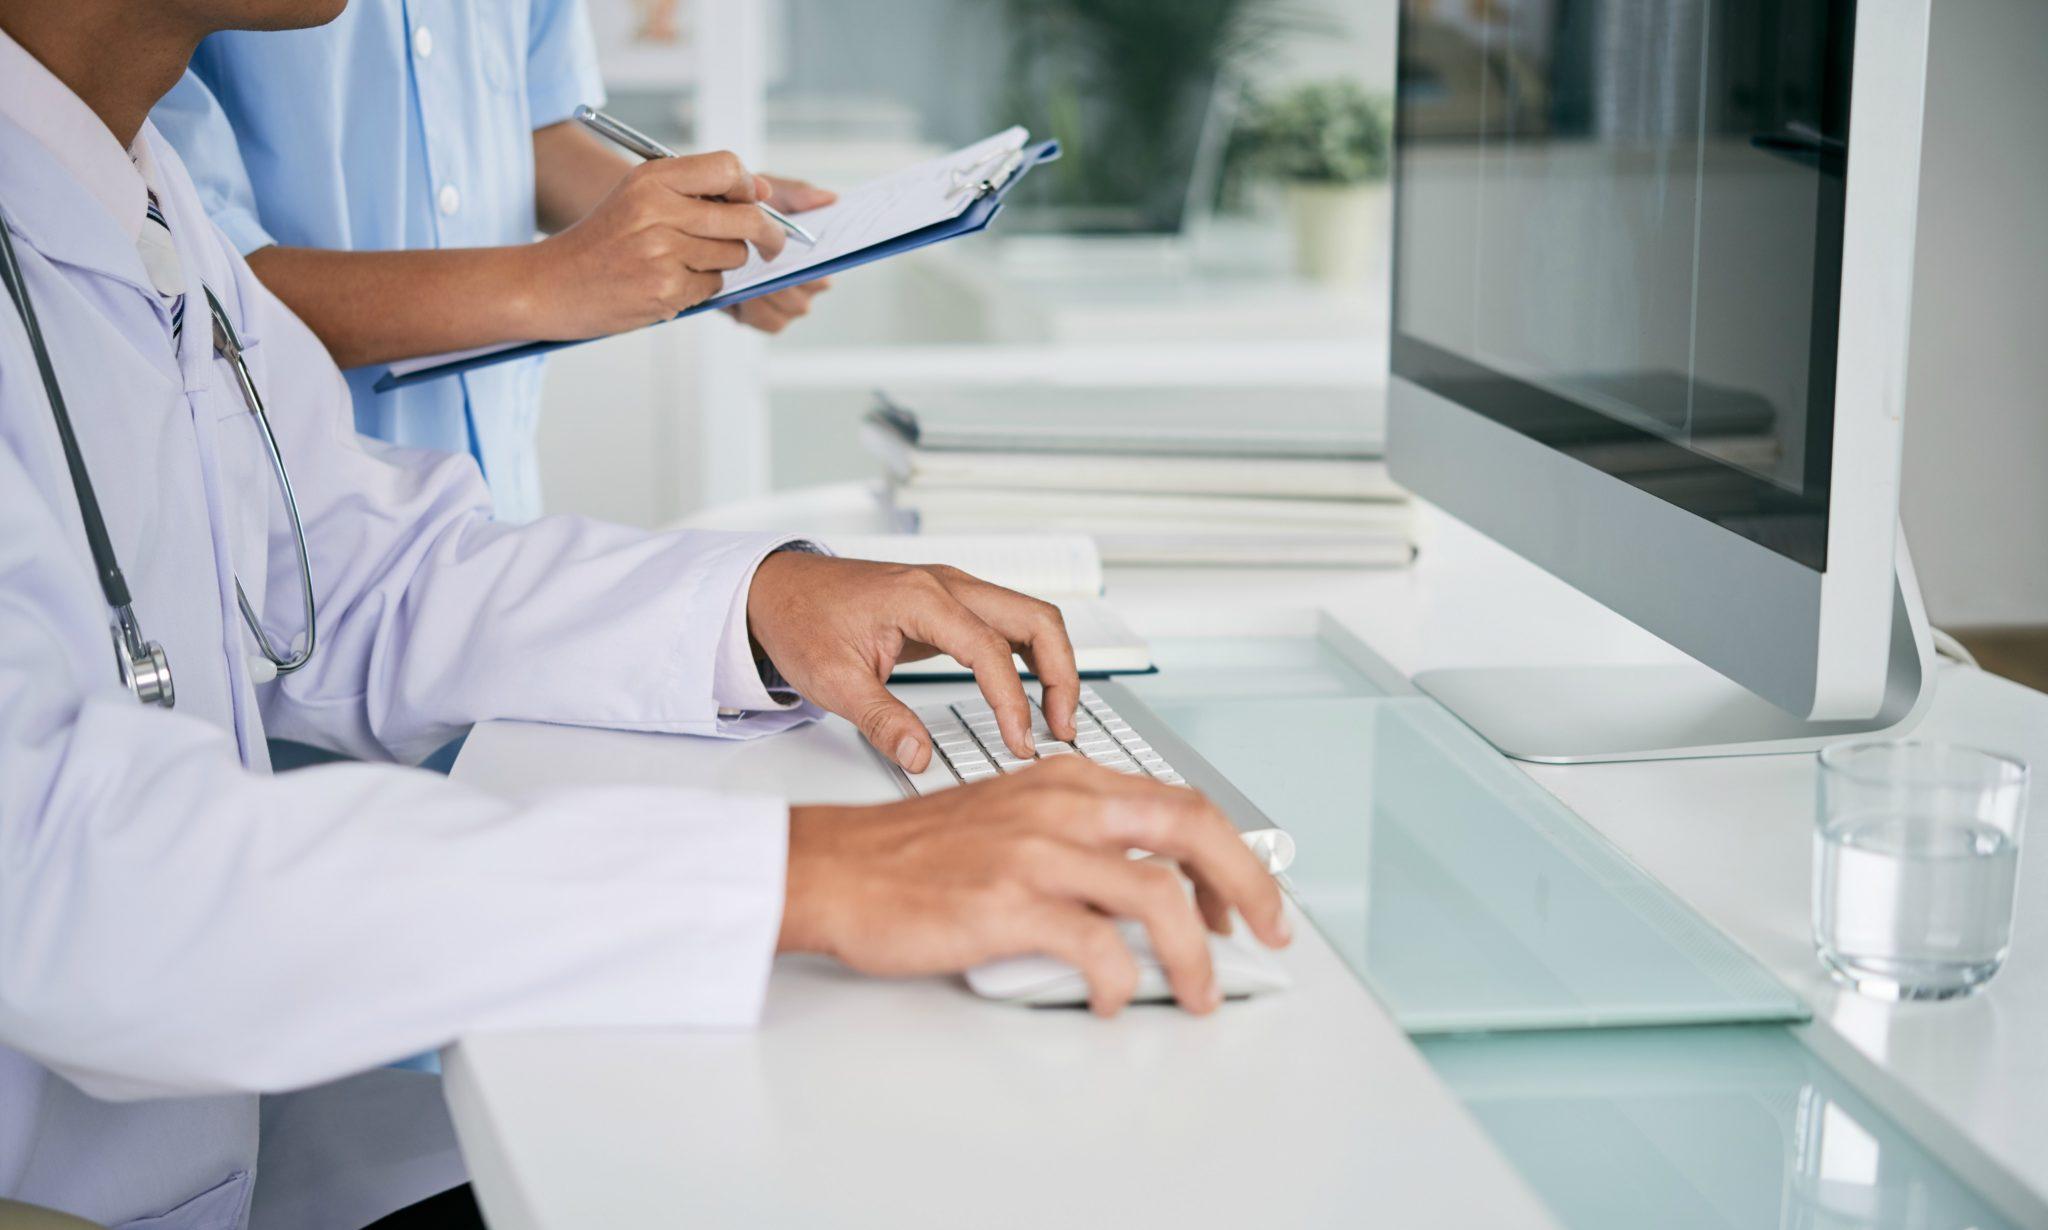 Digitalização da saúde